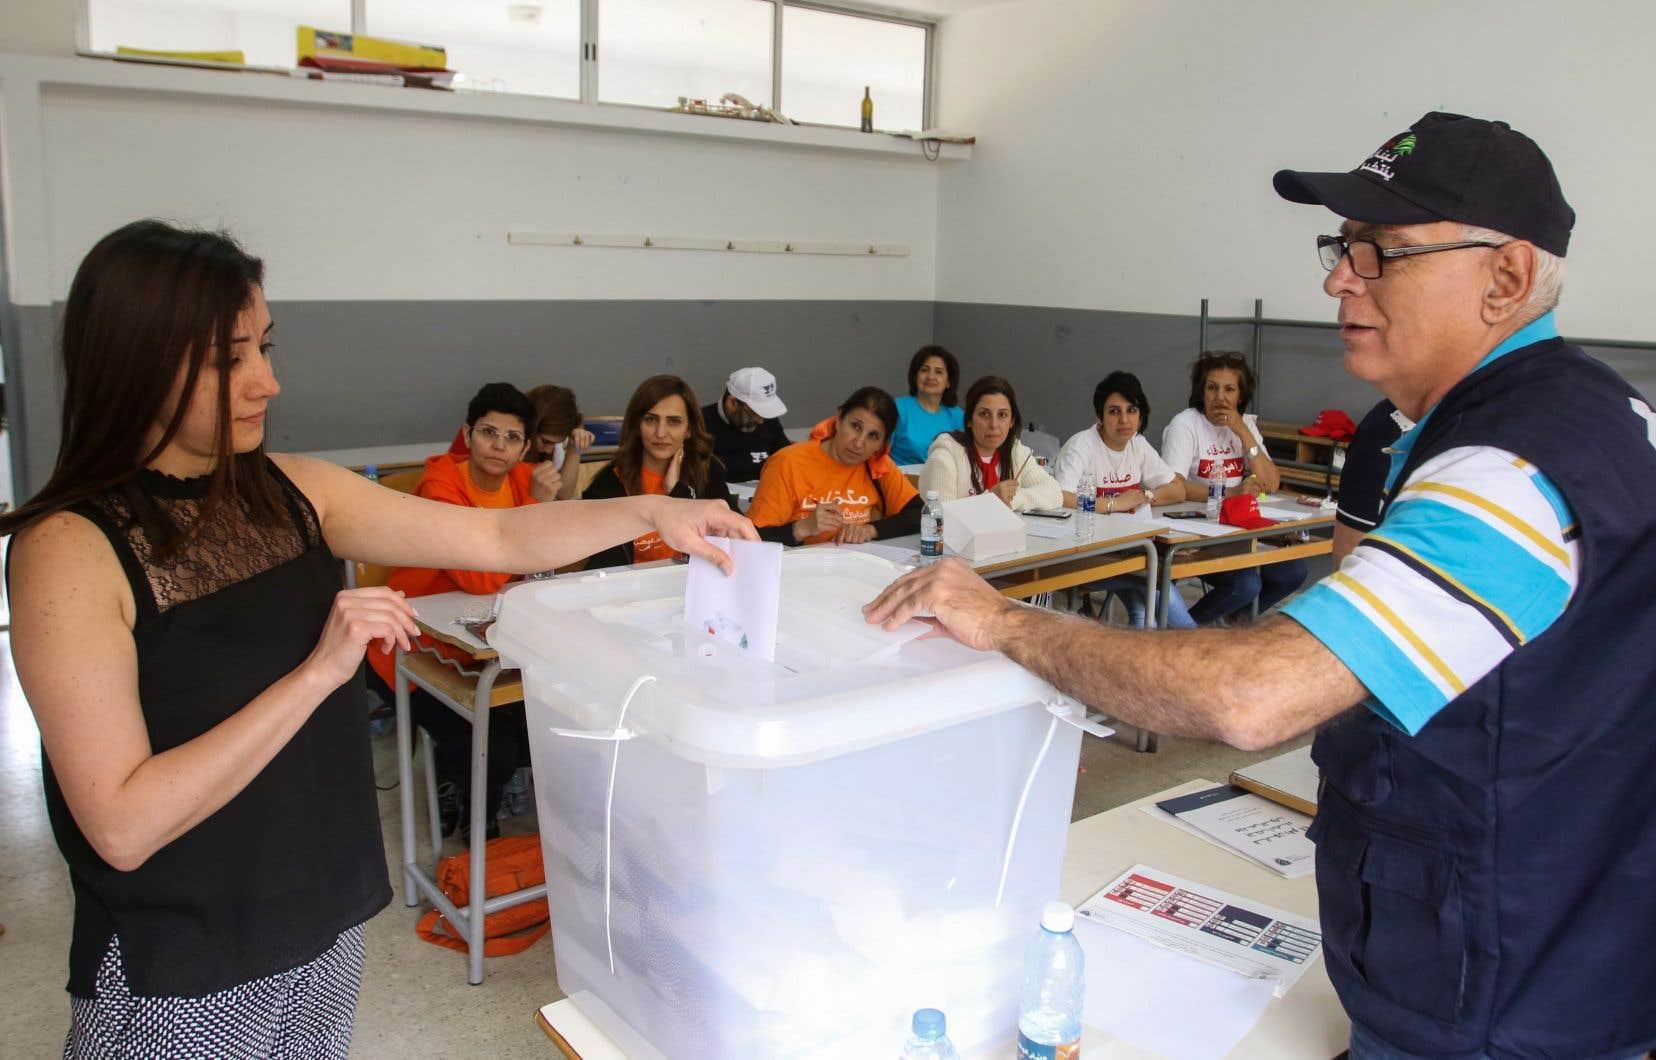 Plus d'un cinquième des 3,7millions d'électeurs votent pour la première fois, dans un pays habitué aux crises politiques à répétition.